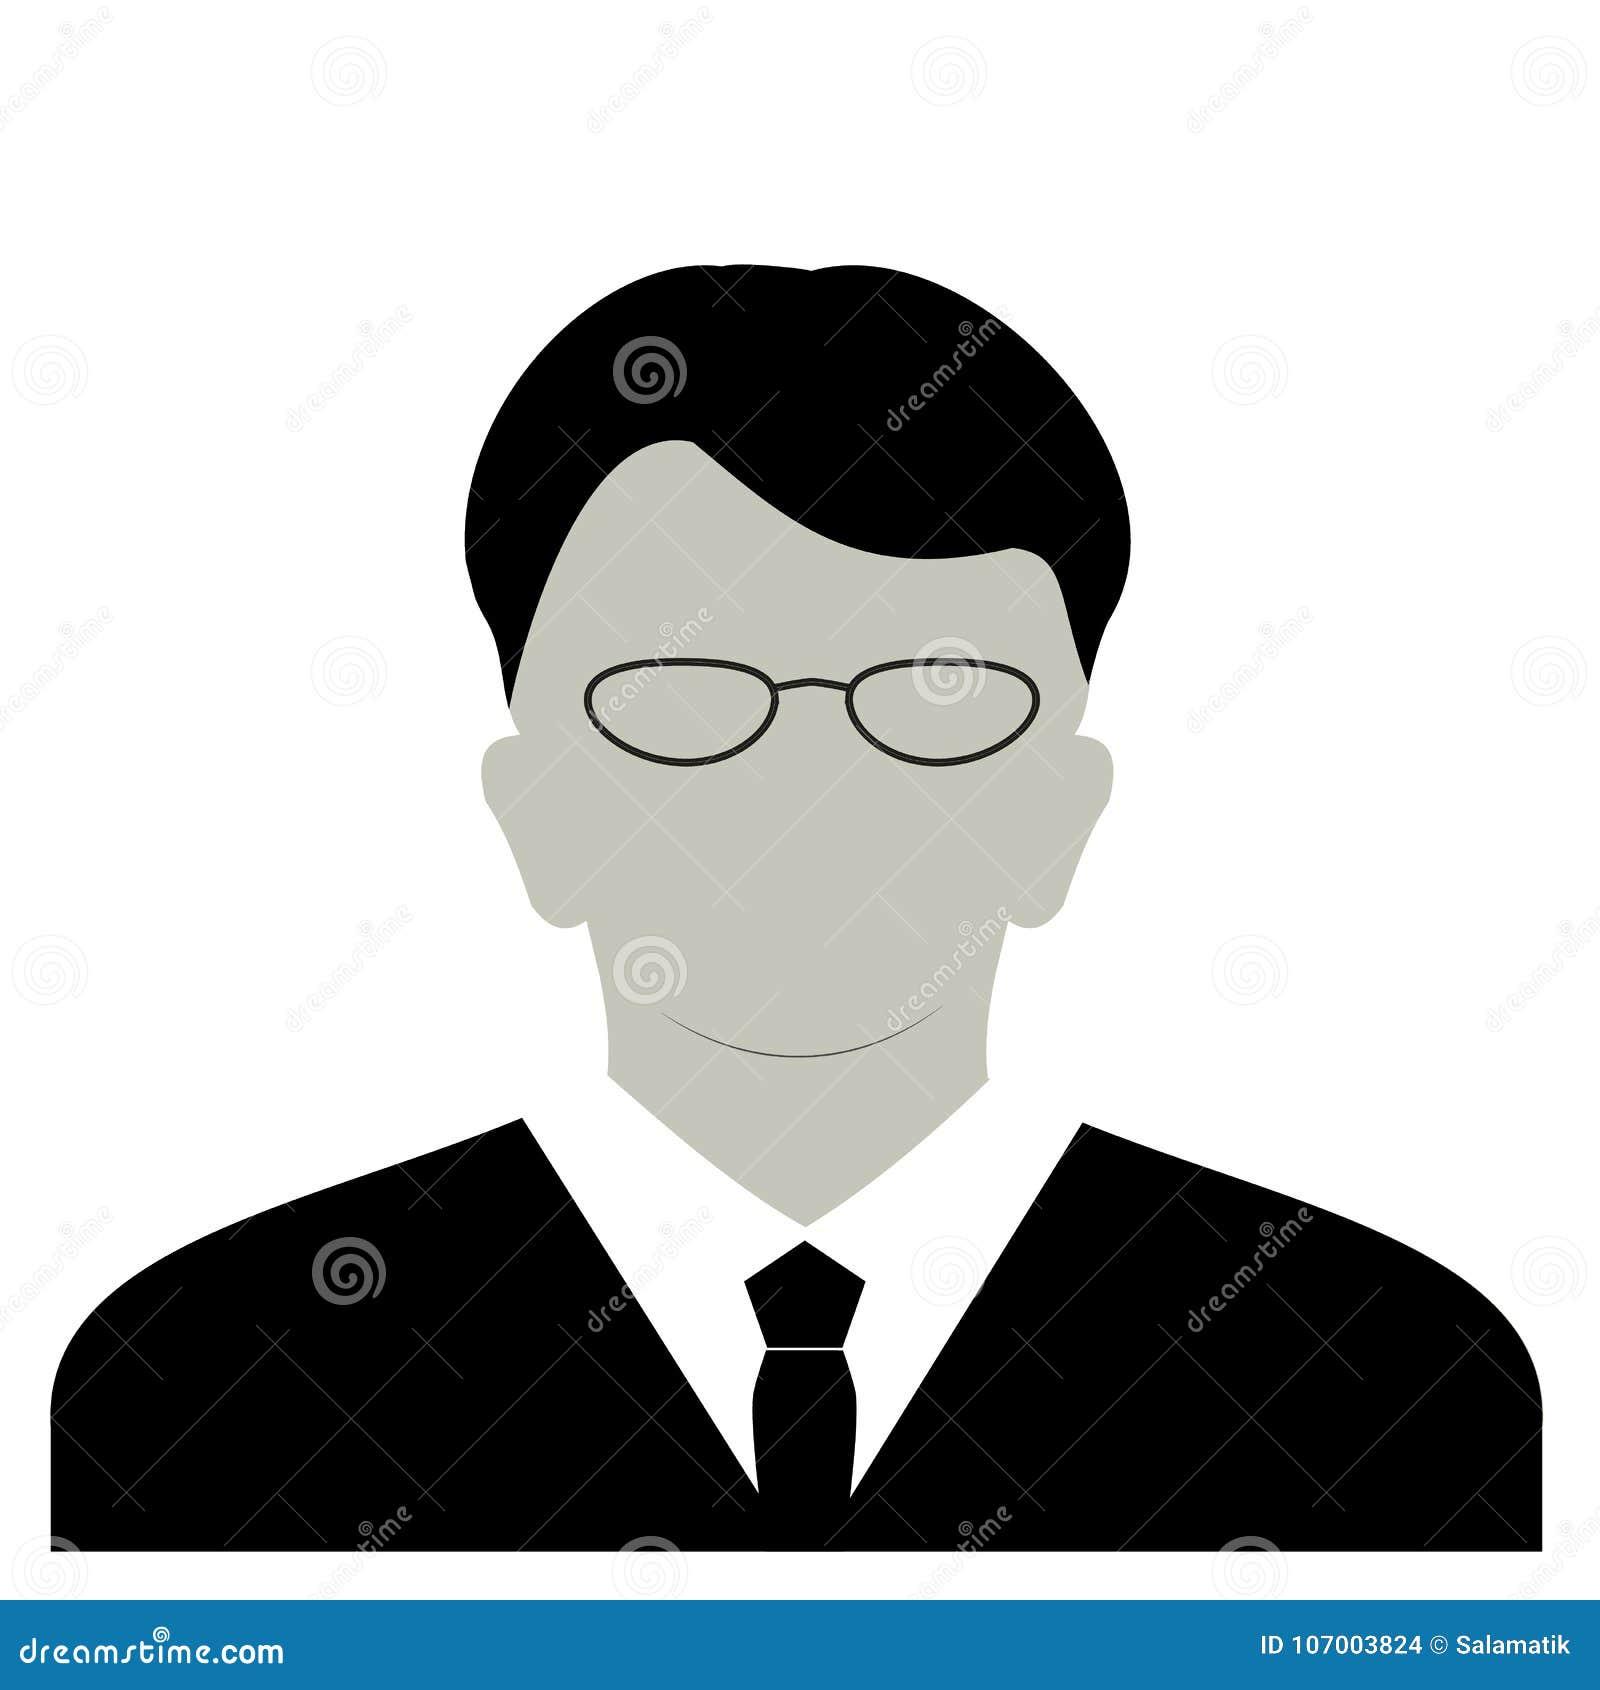 Anonyme Gesichtsikone des Profils Graue Schattenbildperson Männlicher Geschäftsmannprofil-Nichterfüllungsavatara Foto Placeholder